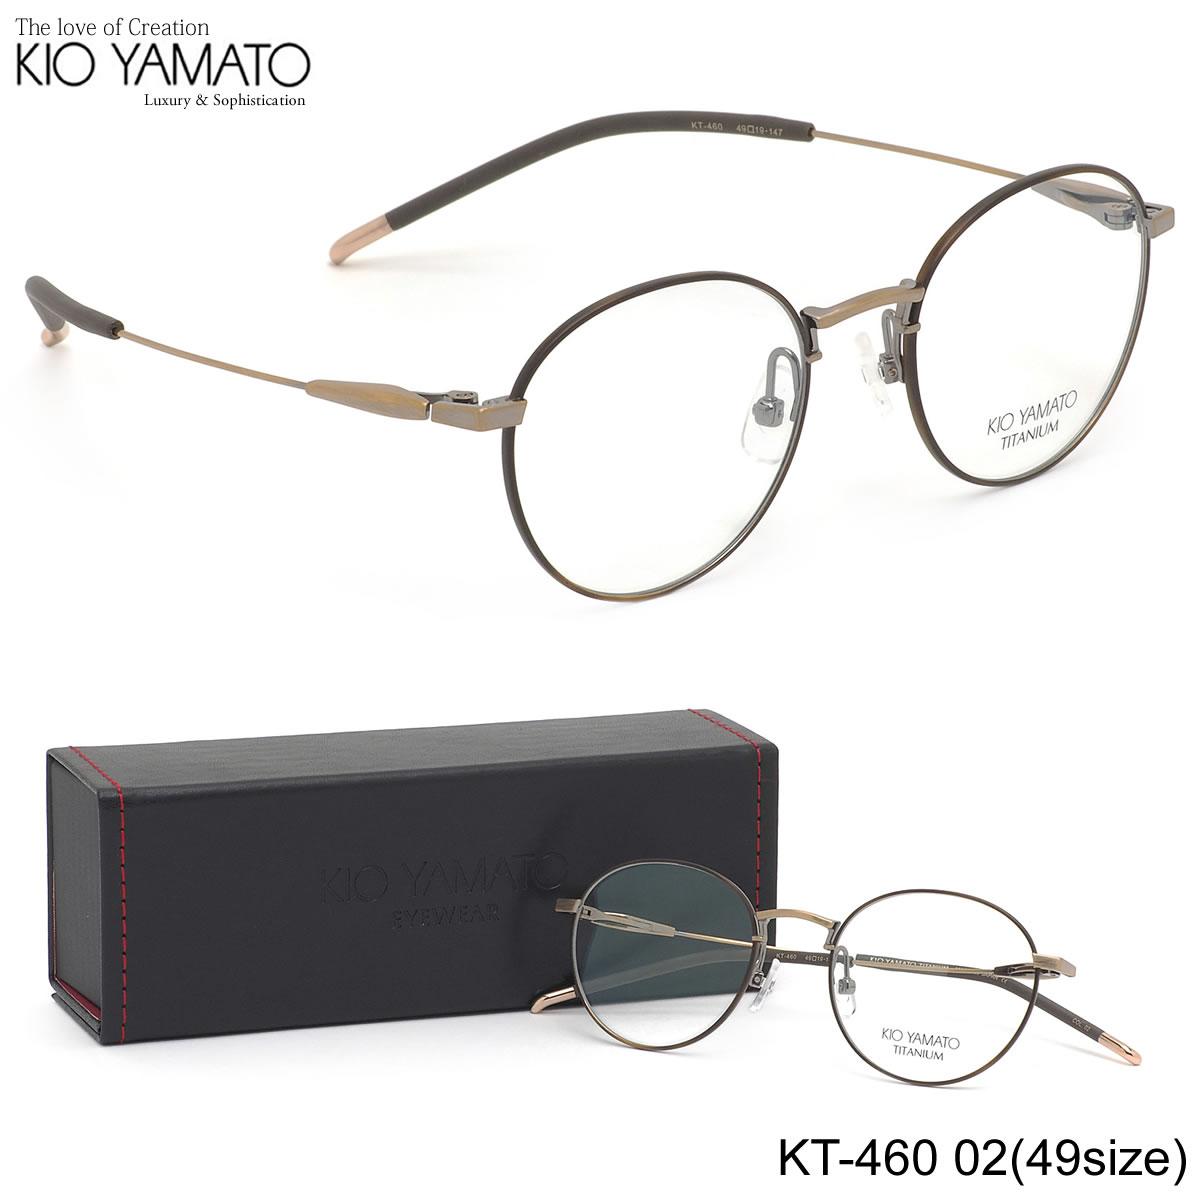 ポイント最大46倍お買い物マラソン8/4 20時スタート!!お得なクーポンも 【キオヤマト】 (KIO YAMATO) メガネKT-460 02 49サイズOLIVIER チタン 日本製 眼鏡 ボストン 丸メガネKIOYAMATO メンズ レディース